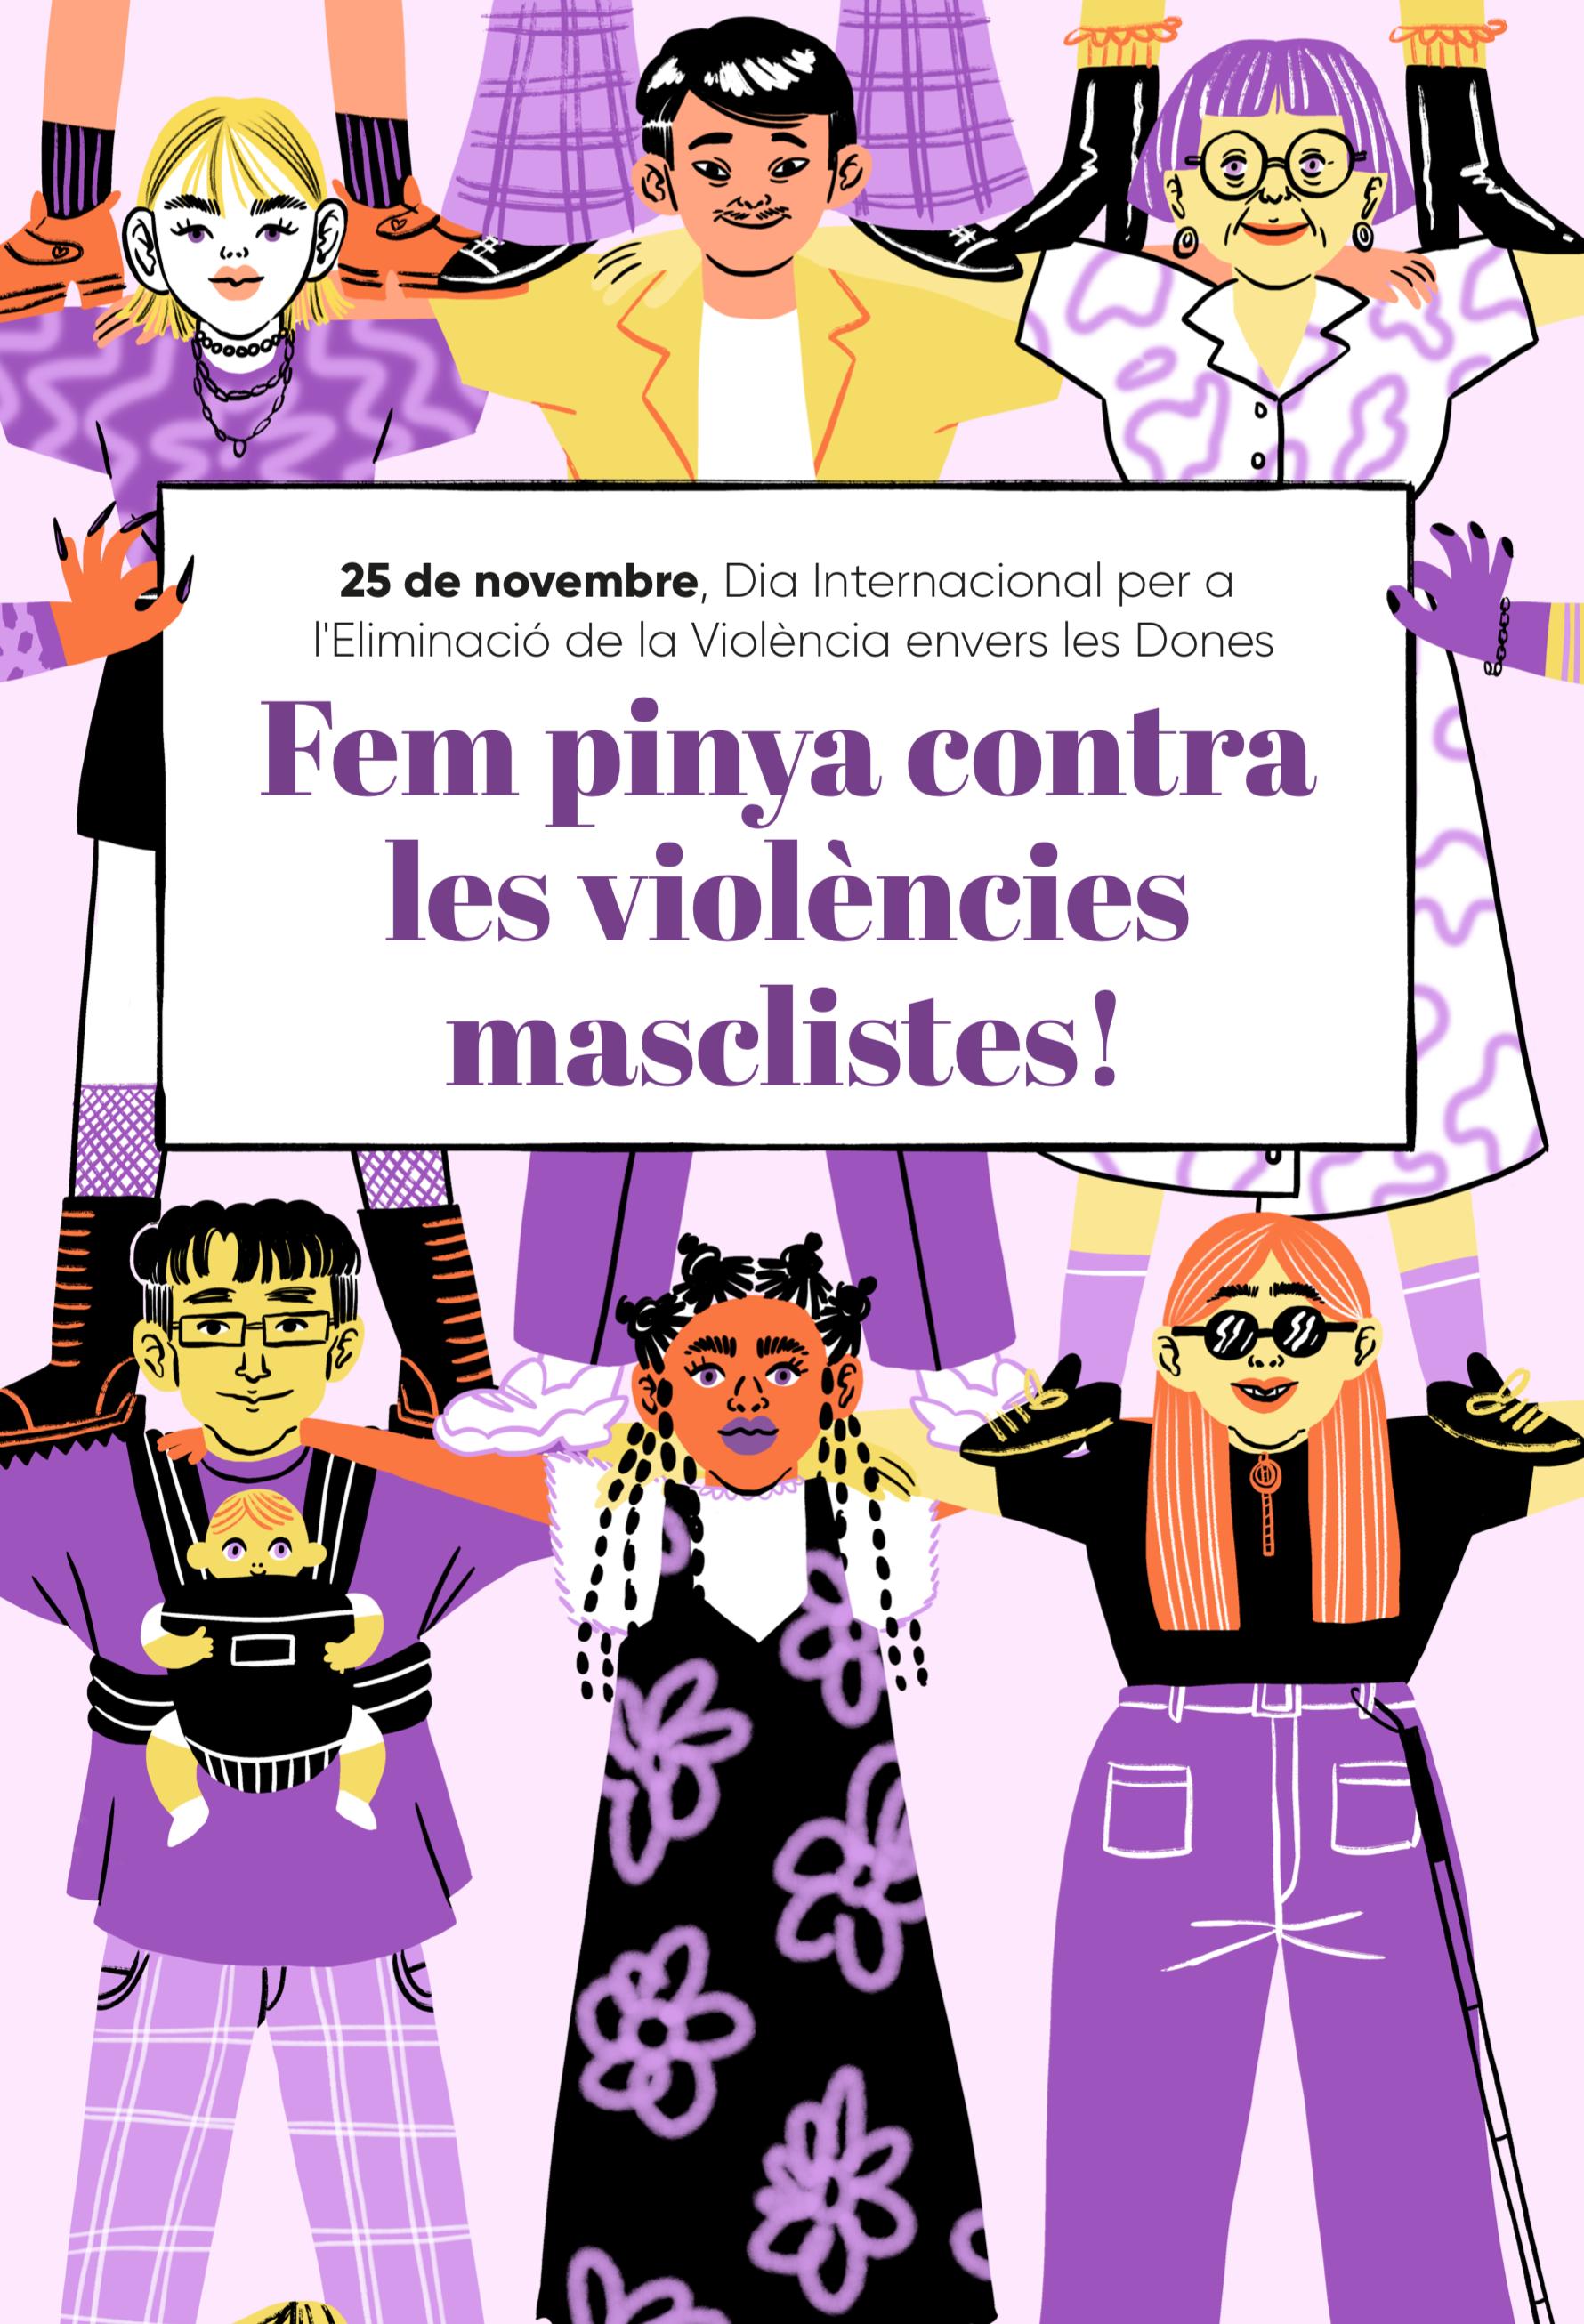 25 de novembre, Dia Internacional per a l'Eliminació de la Violència envers les Dones